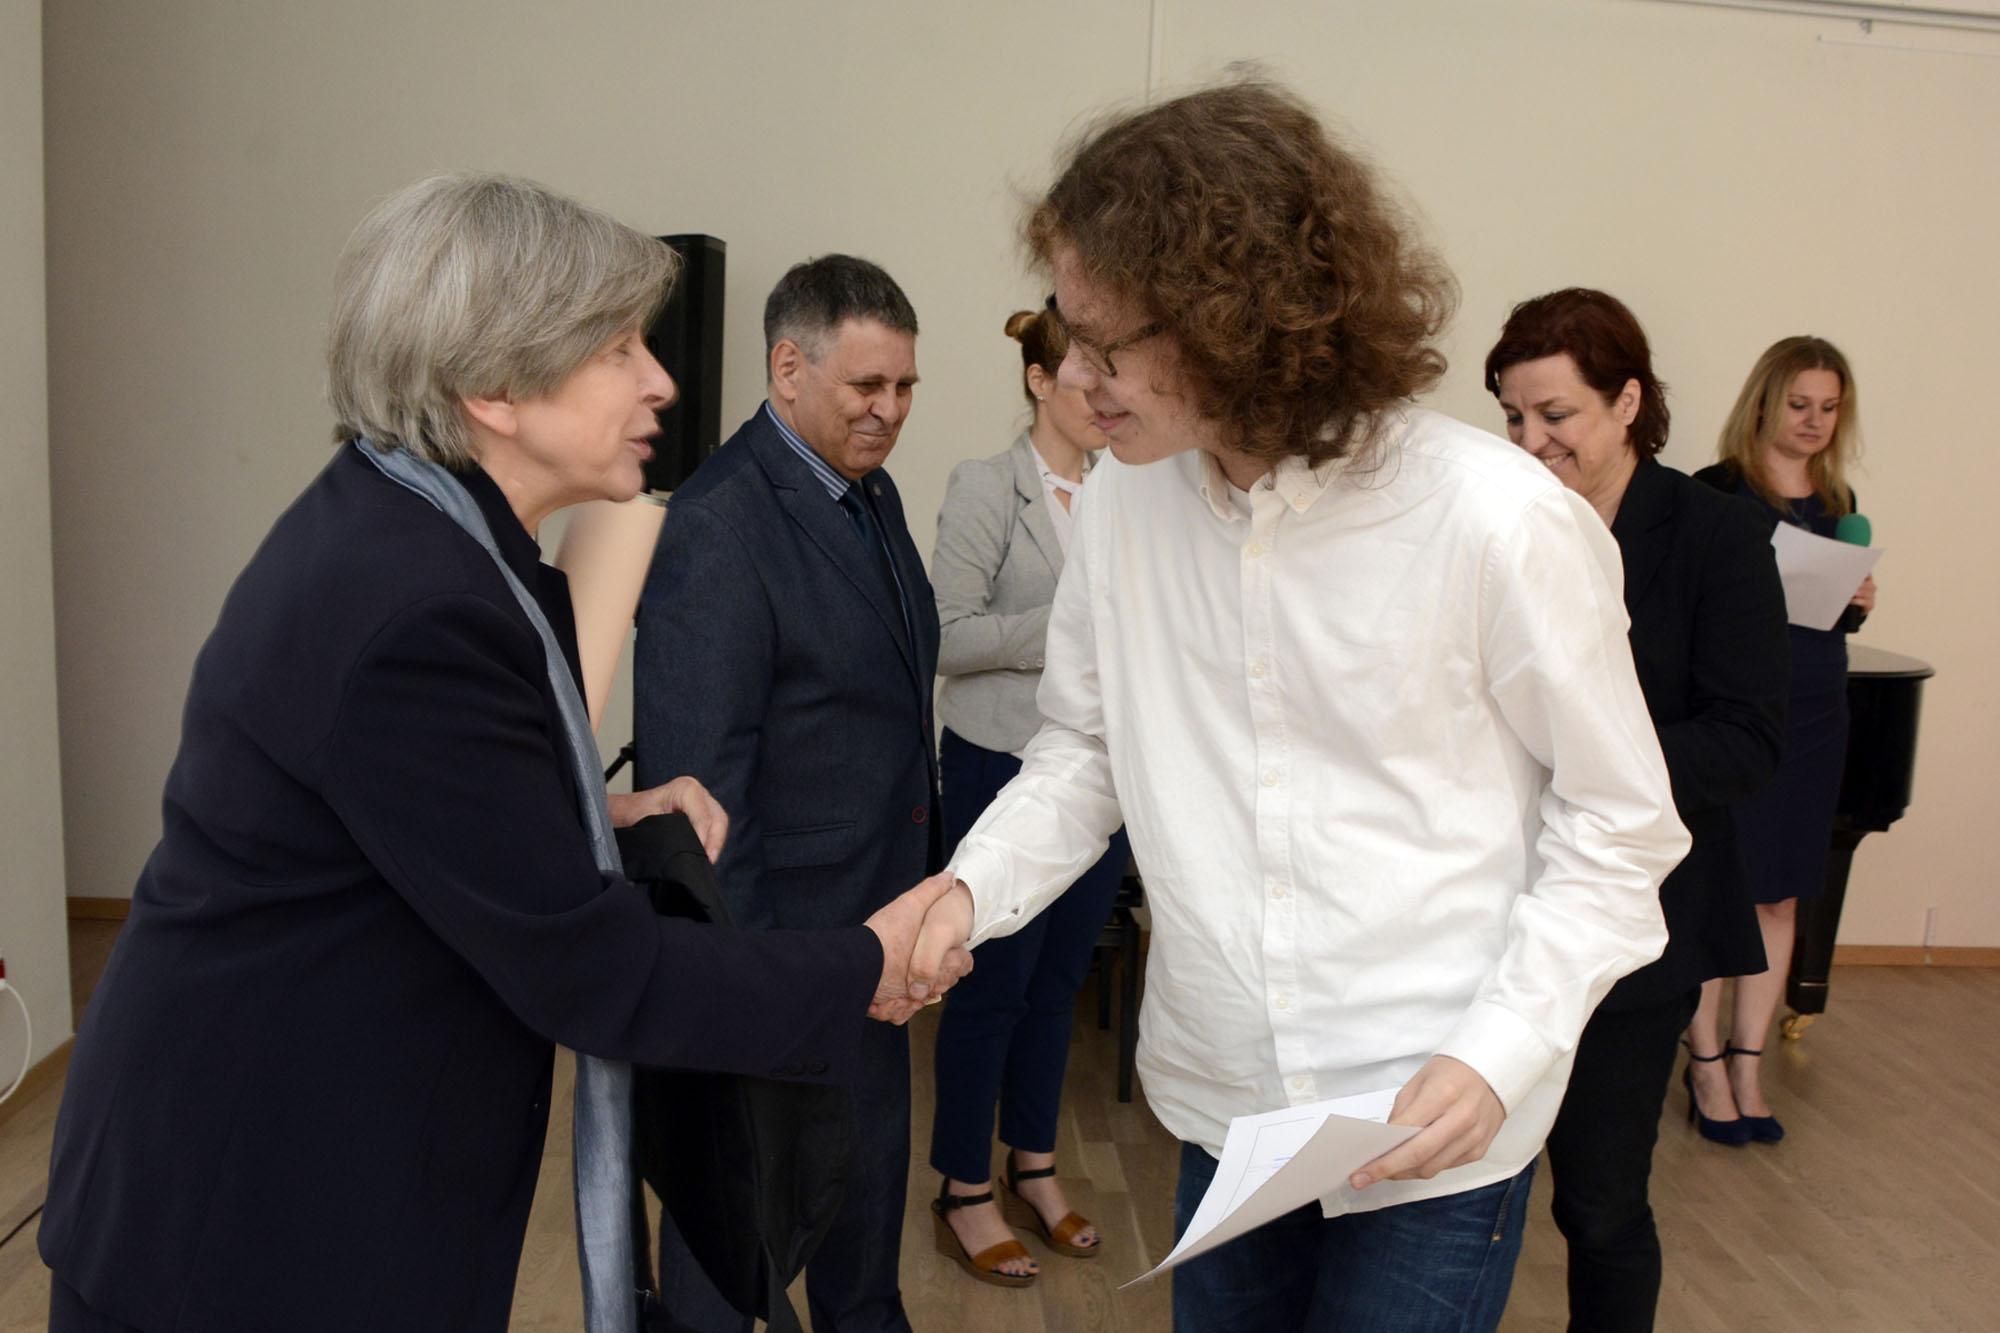 Dyrektor Ewa Nekanda Trepka ściska dłoń jednego z laureatów konkursu podczas gali